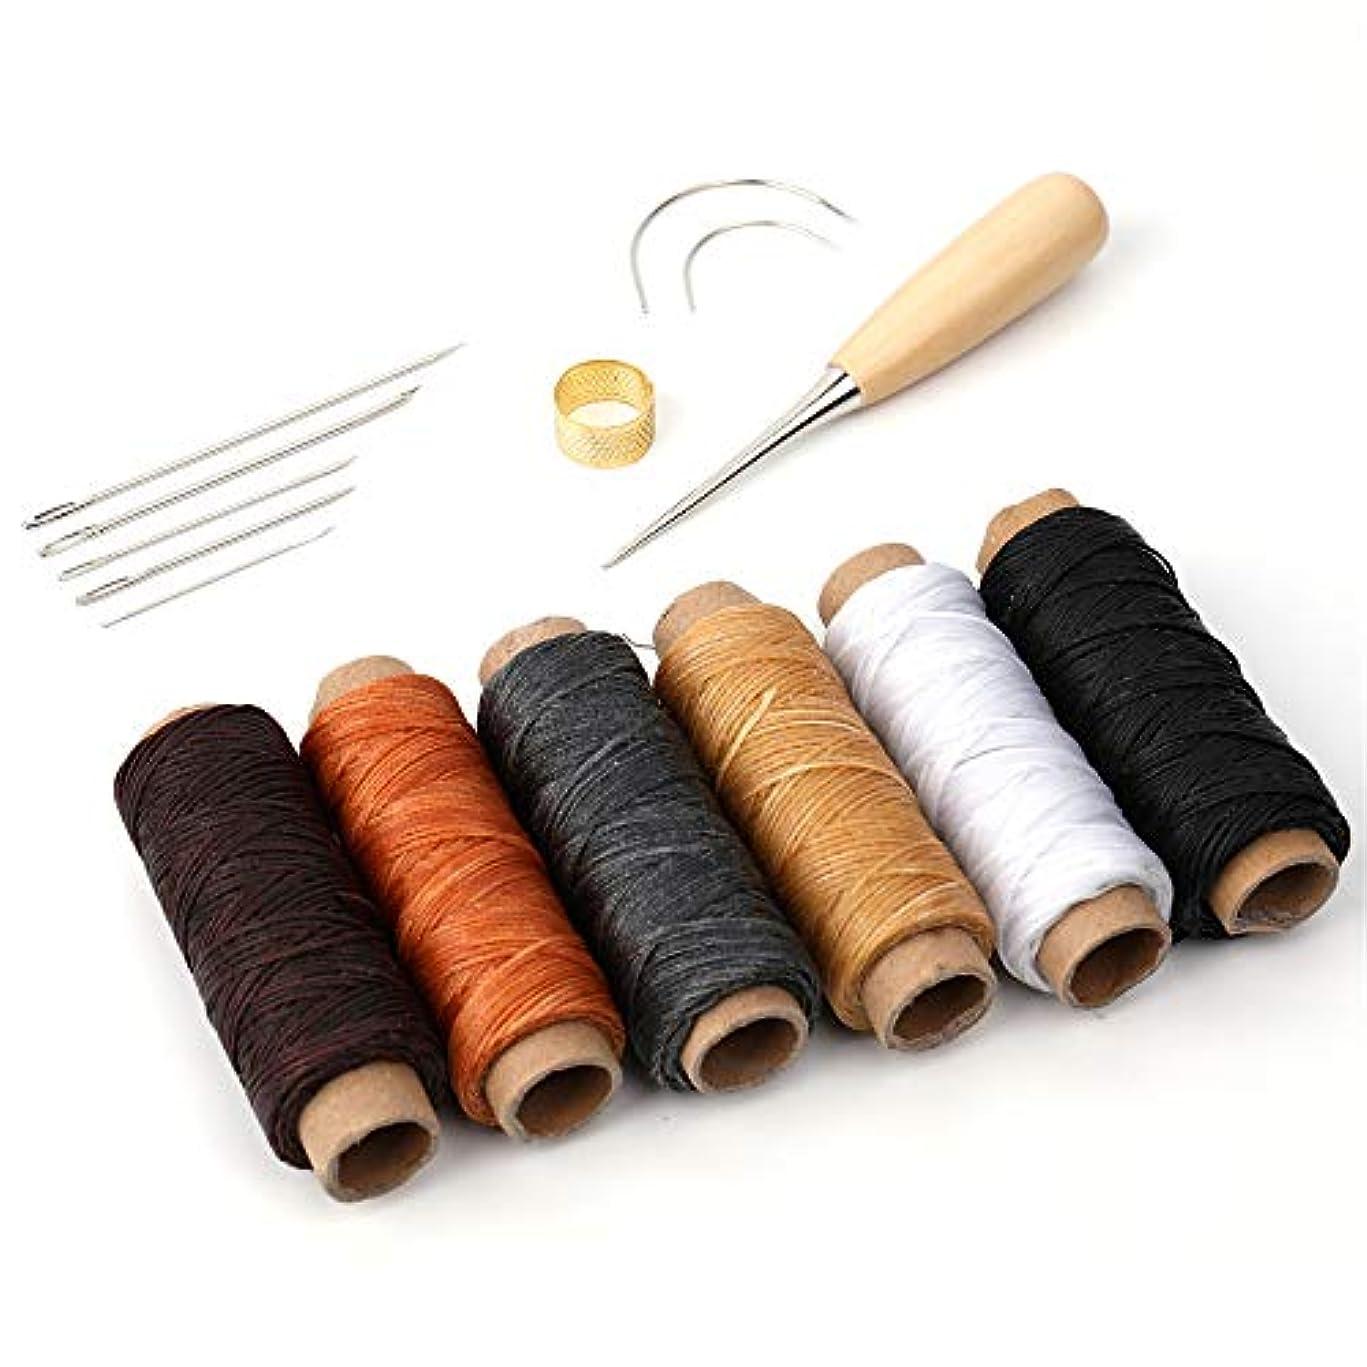 楕円形オーバーコート甘いwinkong レザークラフト 縫い道具セット 50m 15点 セット 革用 裁縫 0.8mm 幅 レザー 糸 紐 ロウ引き DIY 針